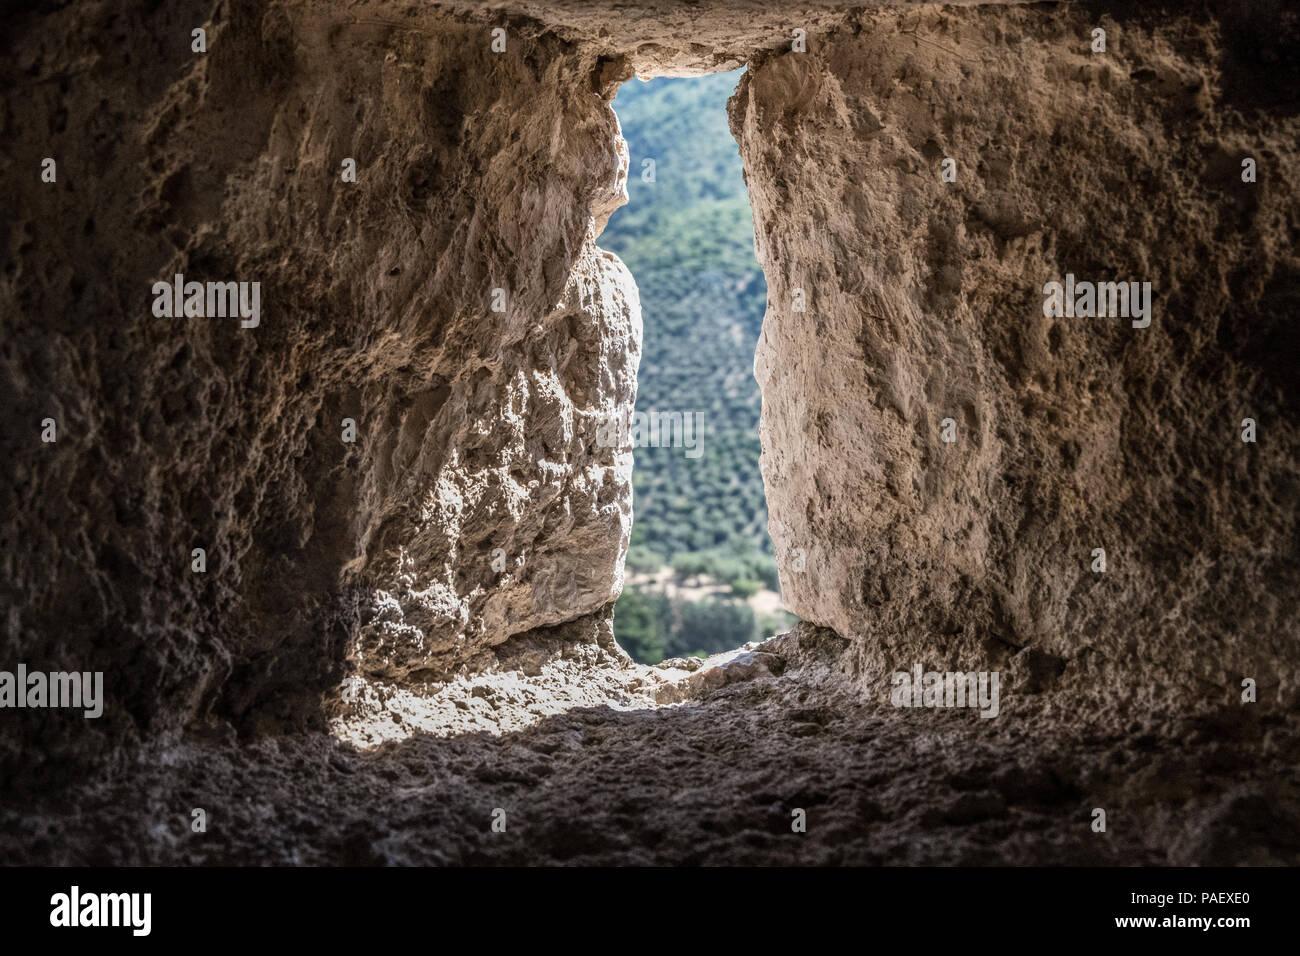 Tiny Hole Stock Photos & Tiny Hole Stock Images - Alamy